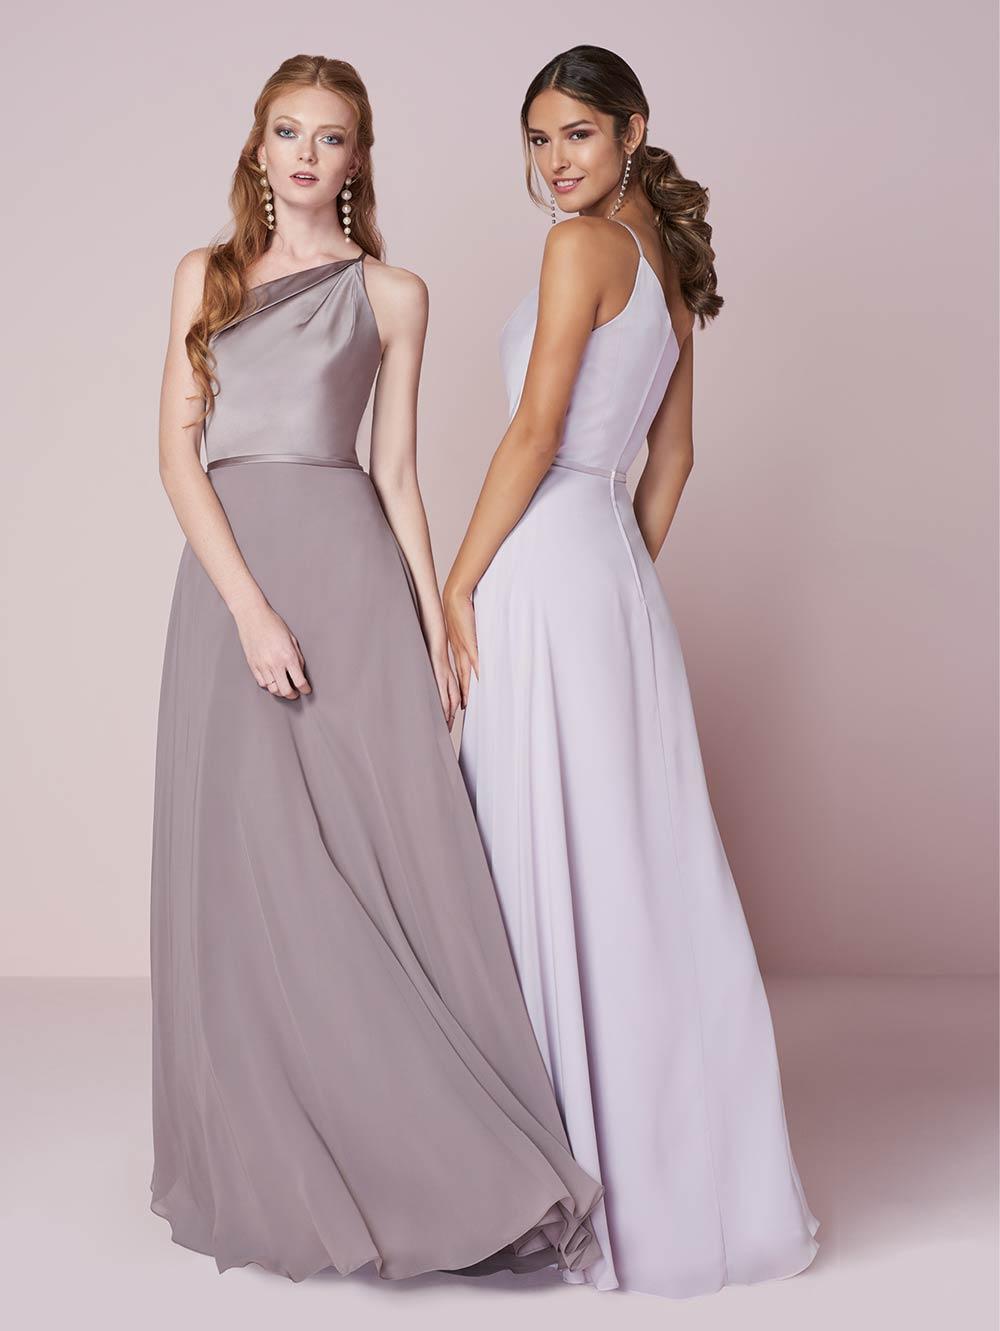 bridesmaid-dresses-jacquelin-bridals-canada-27772